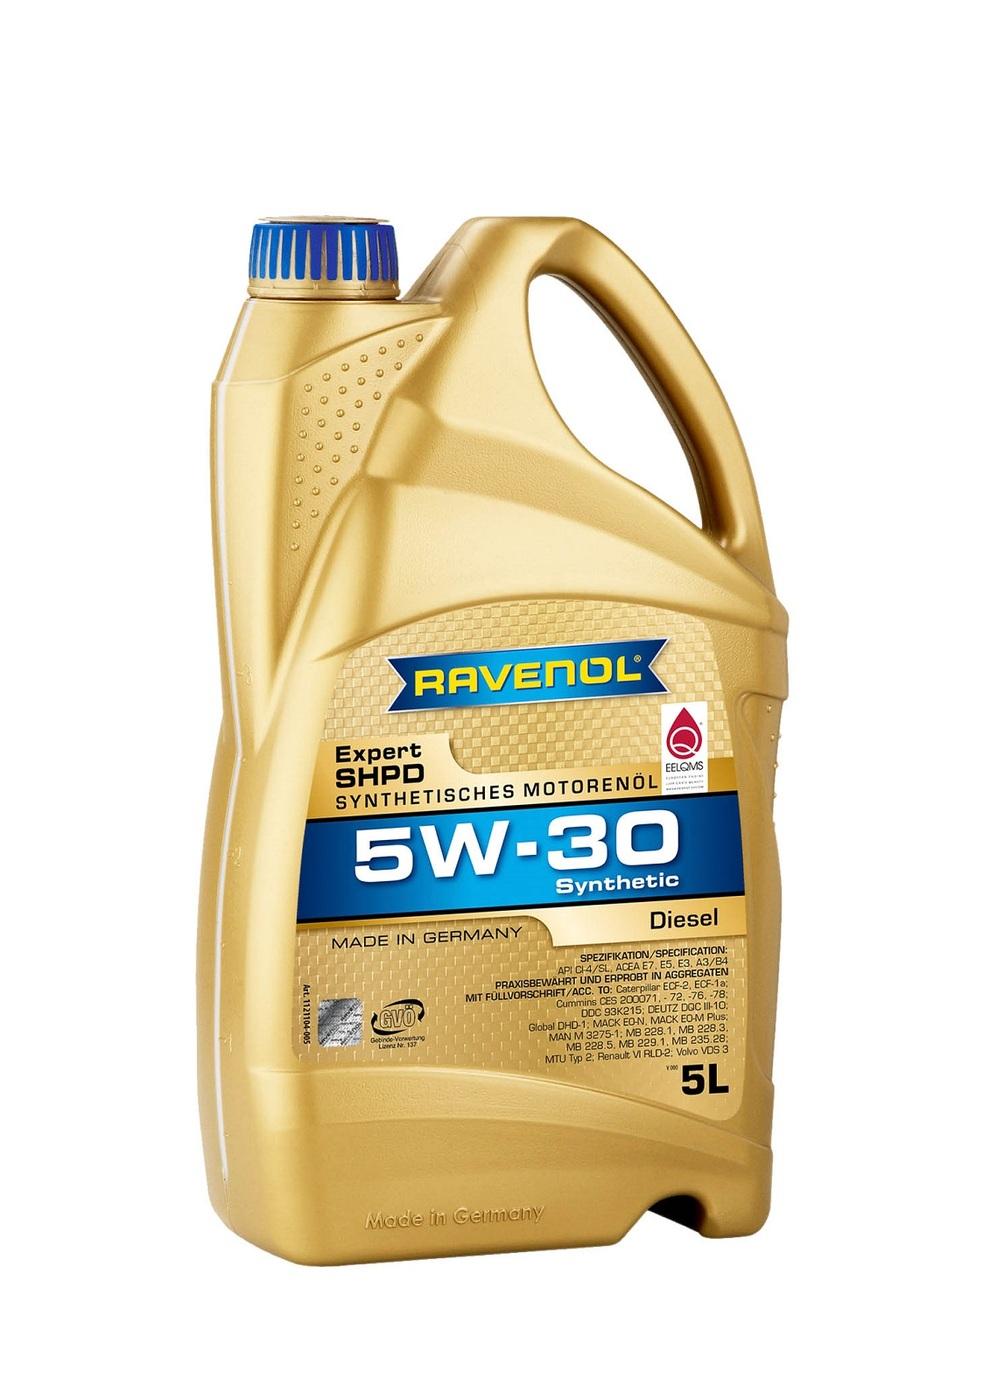 Моторное масло RAVENOL Expert SHPD SAE 5W-30 (5л)